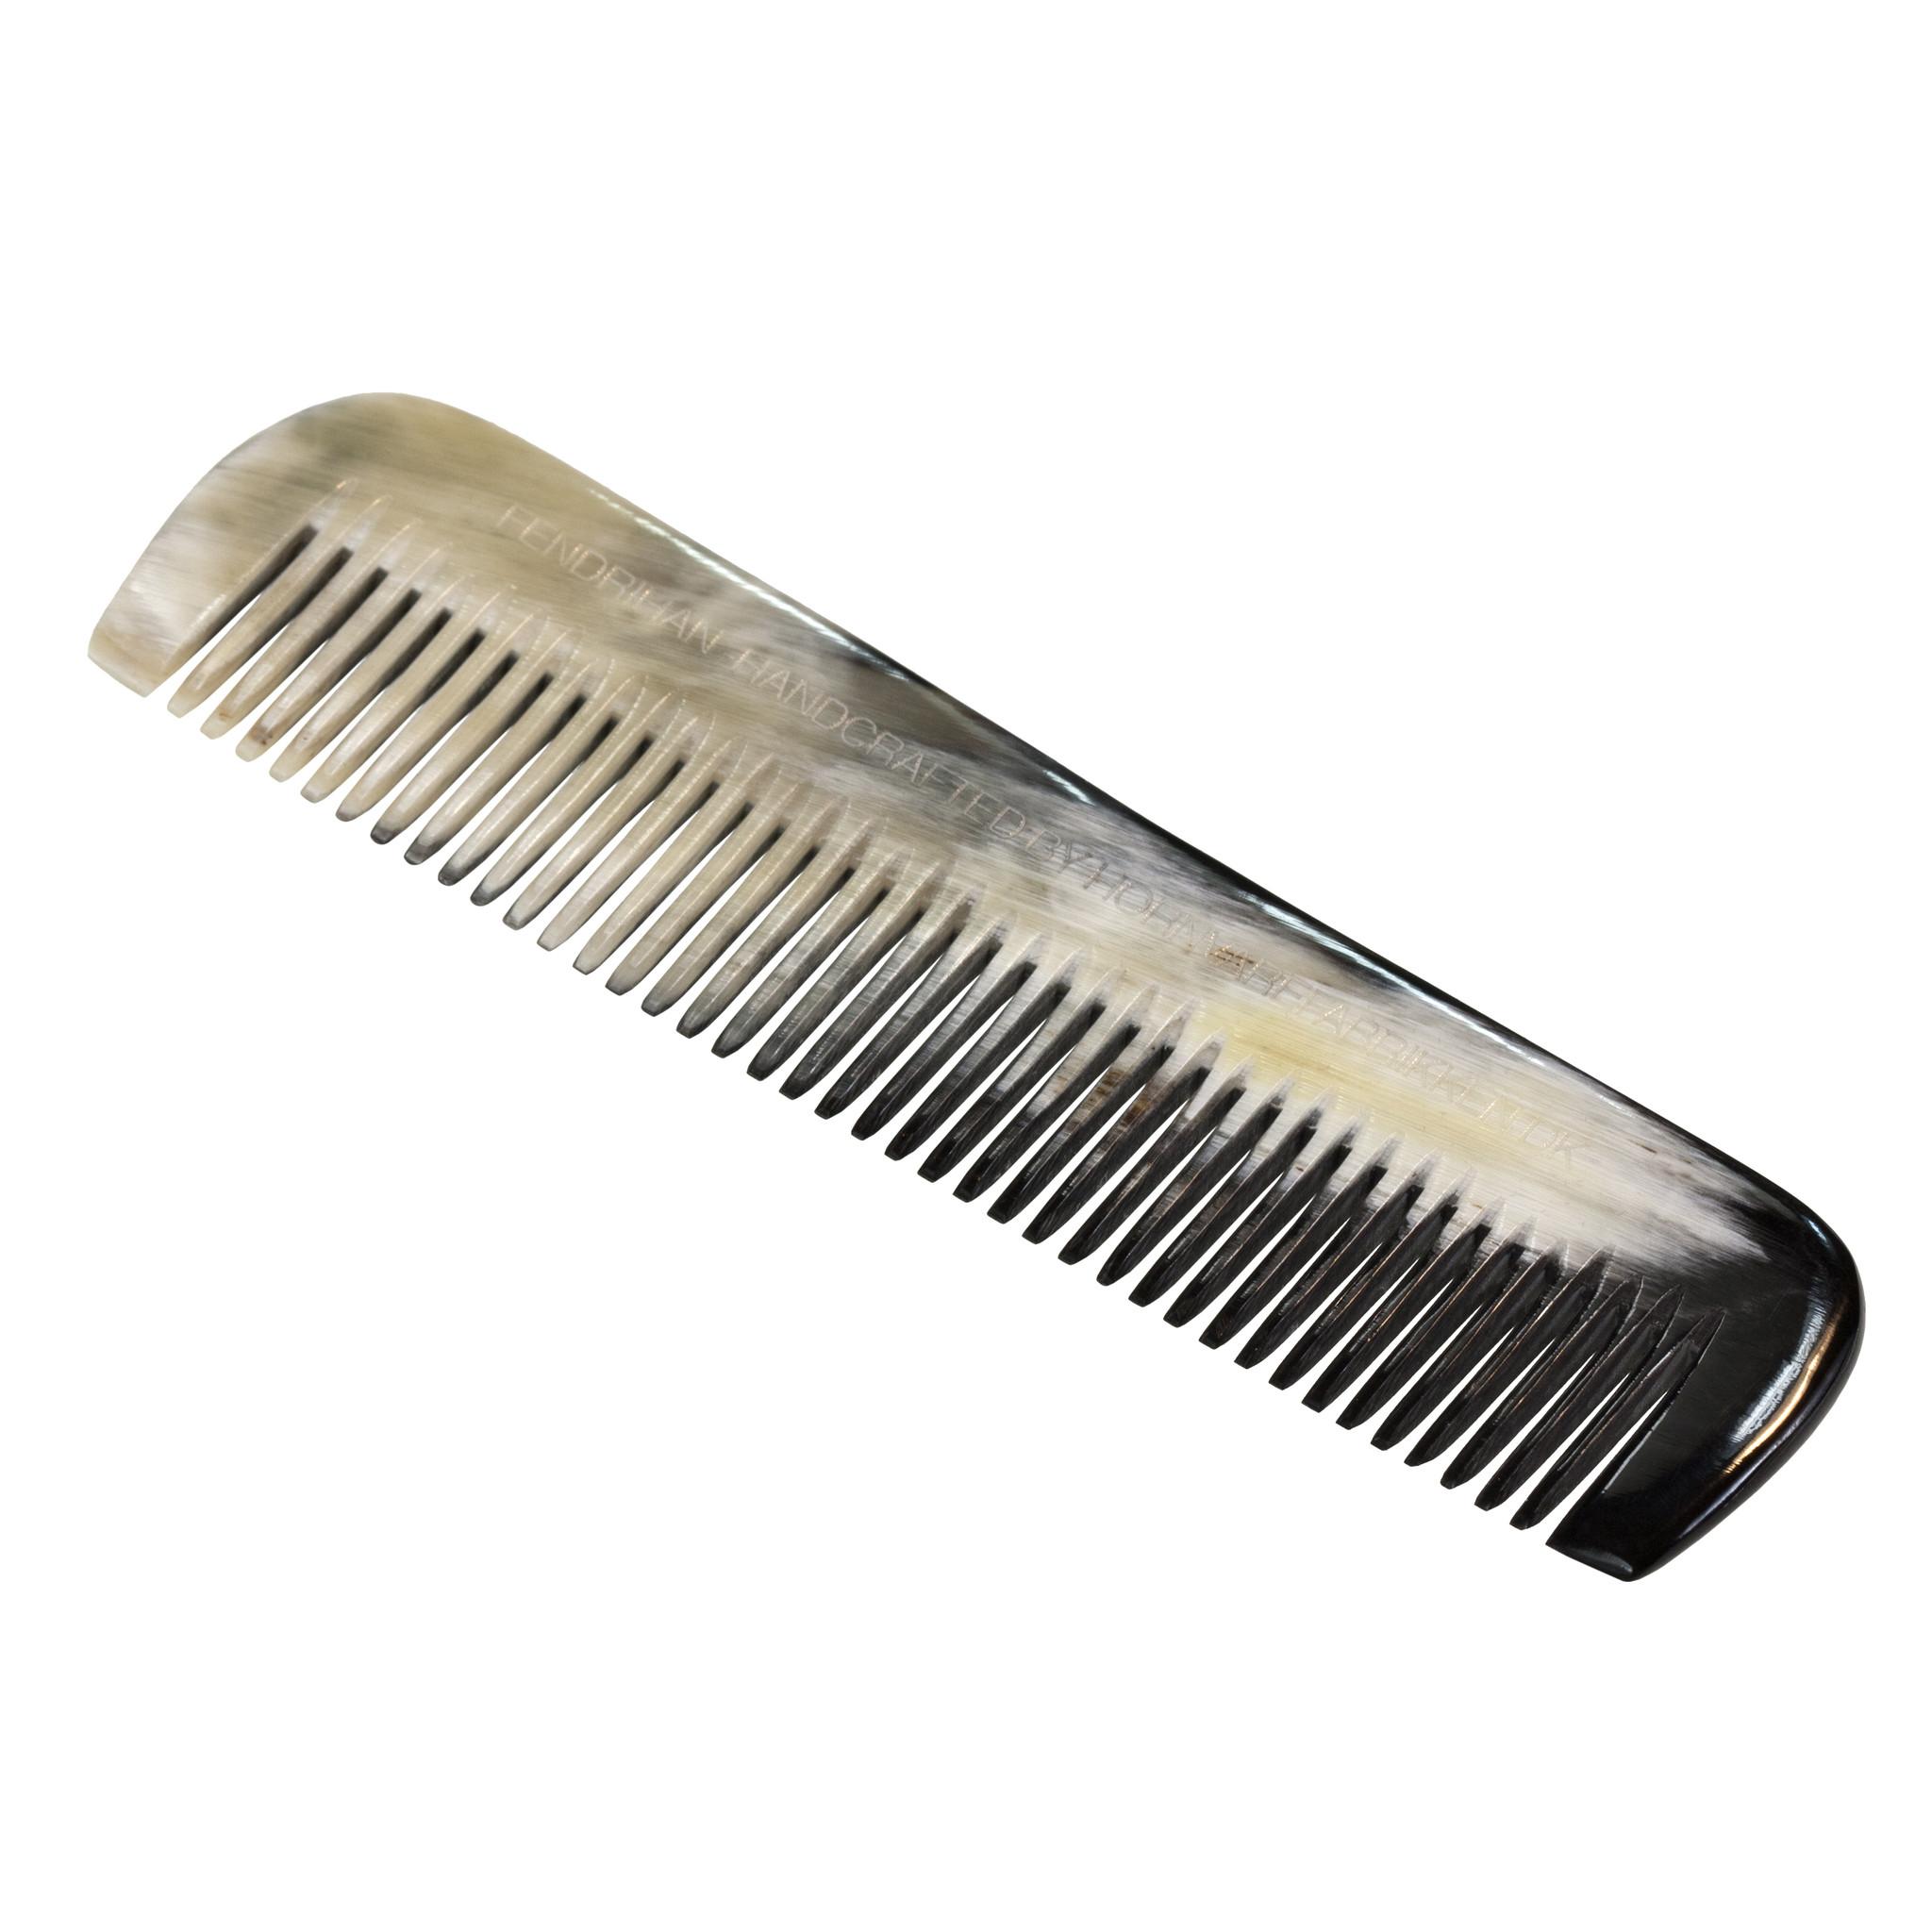 Fendrihan Small Horn Comb - $16.50